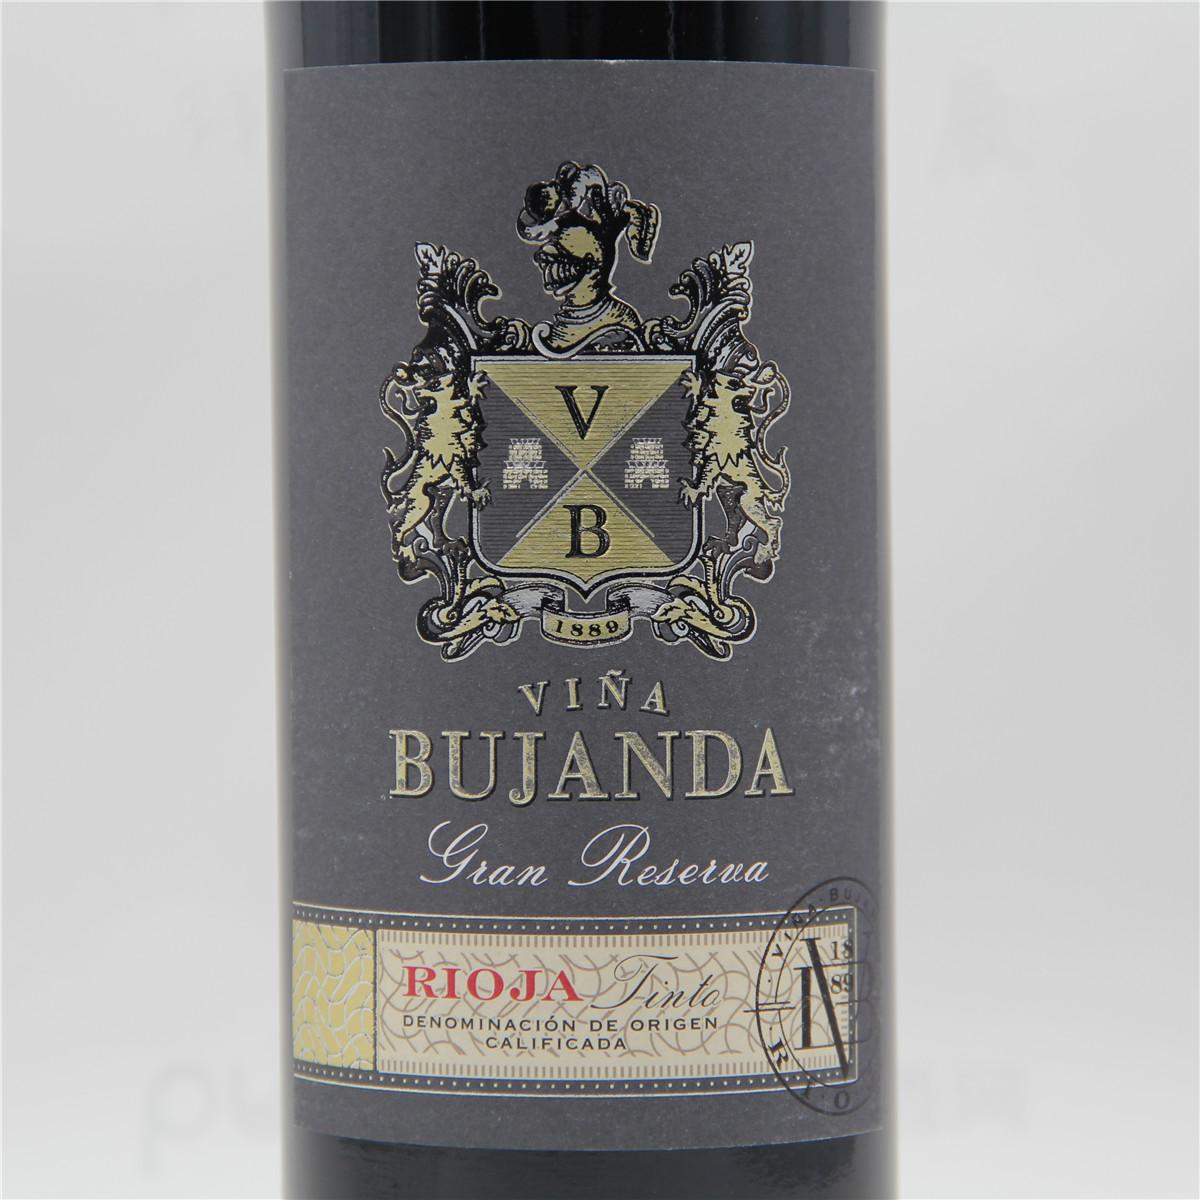 西班牙里奥哈宝运庄园丹魄特级珍藏干红葡萄酒